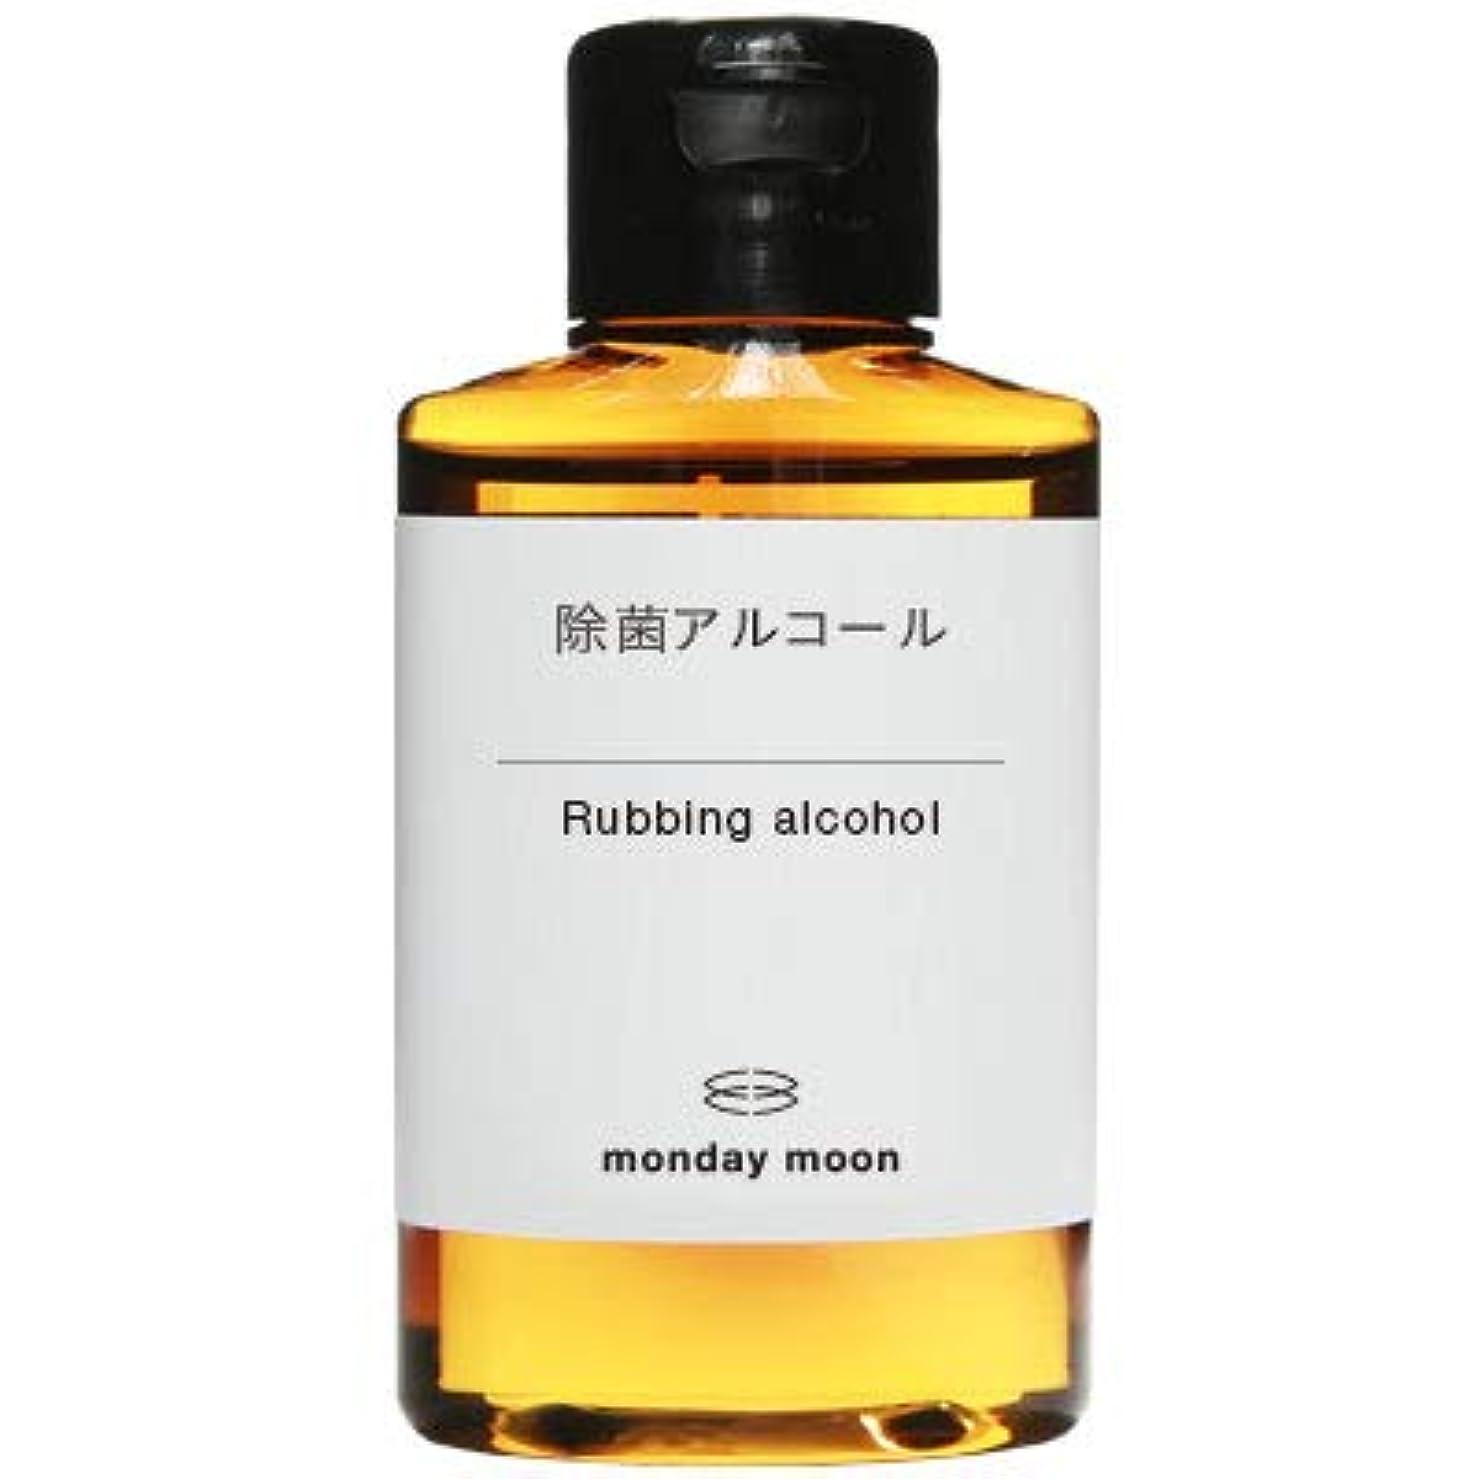 リクルートバイパス宗教除菌アルコール/50ml[メール便対応ボトル]